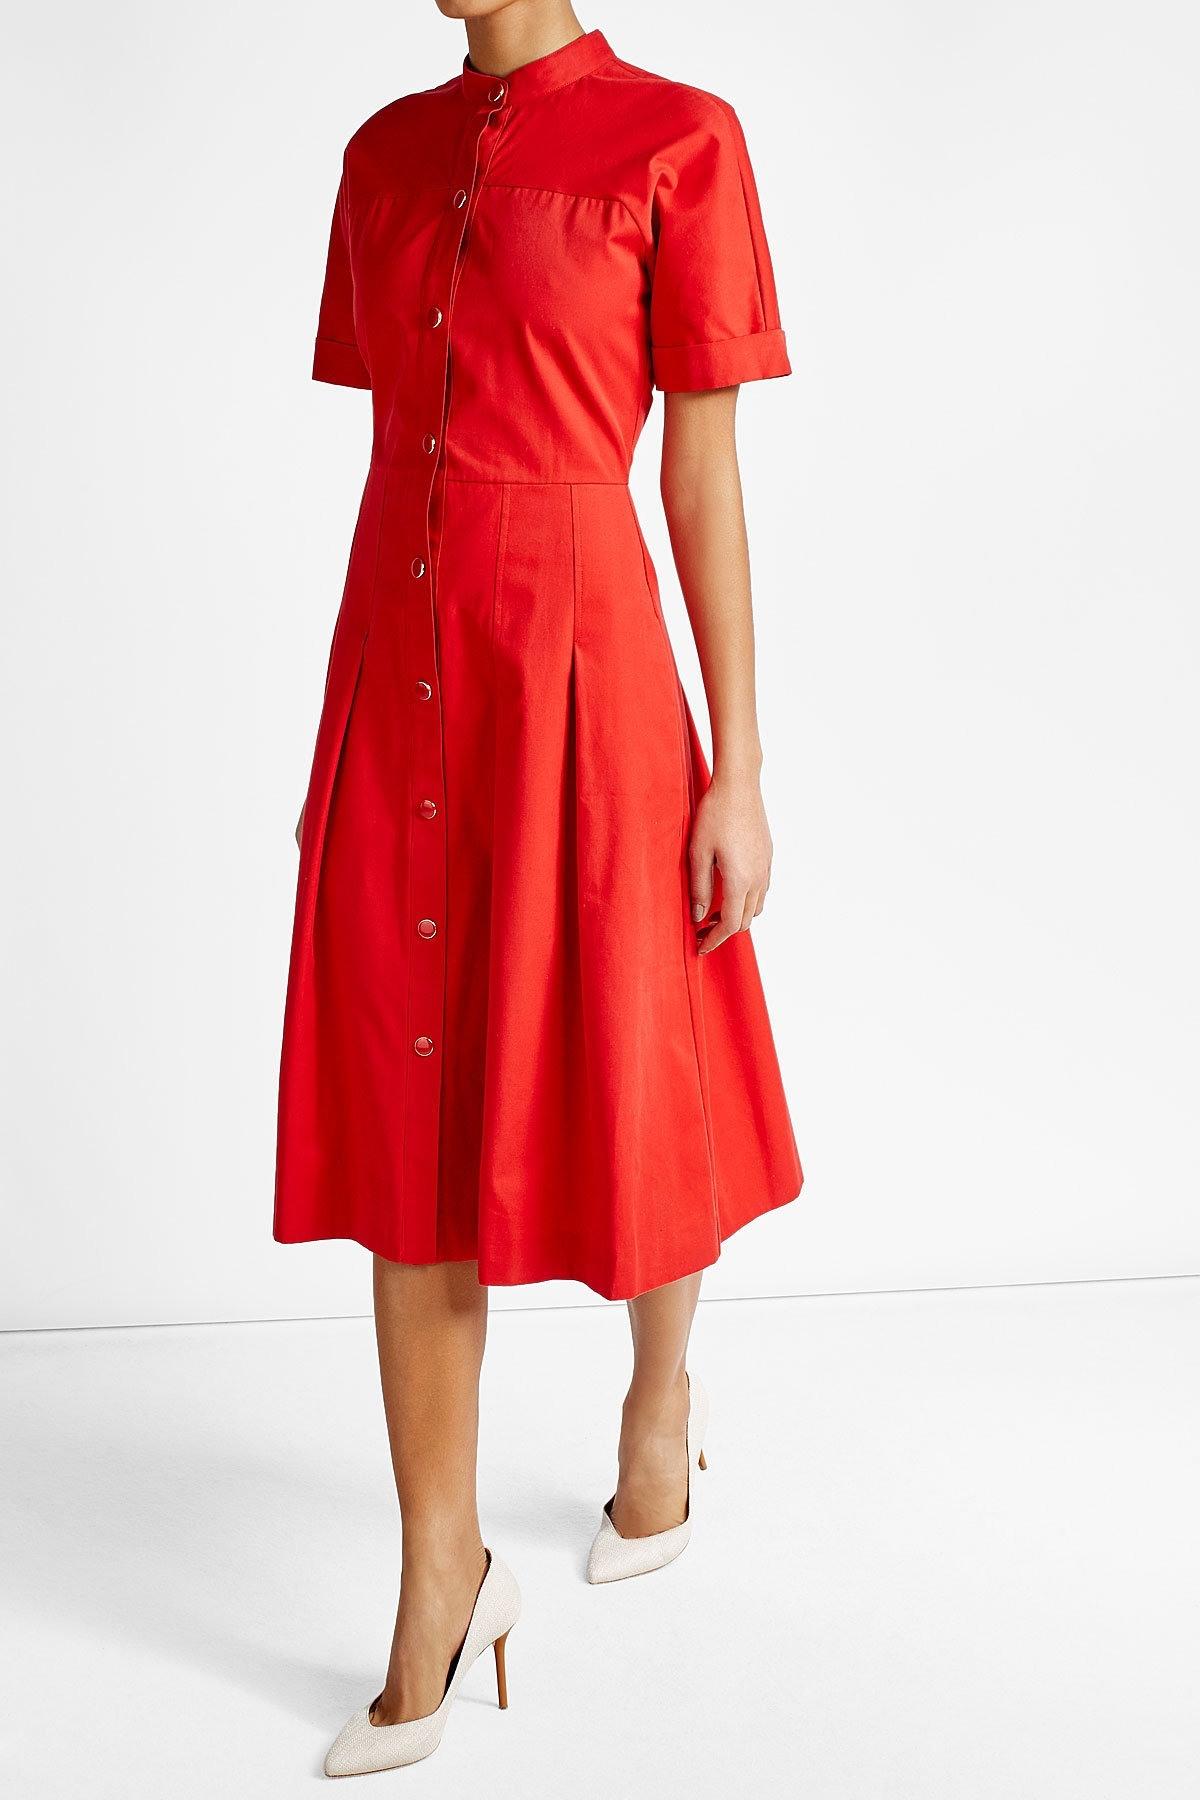 15 Kreativ Damen Kleider Midi Vertrieb Ausgezeichnet Damen Kleider Midi Galerie